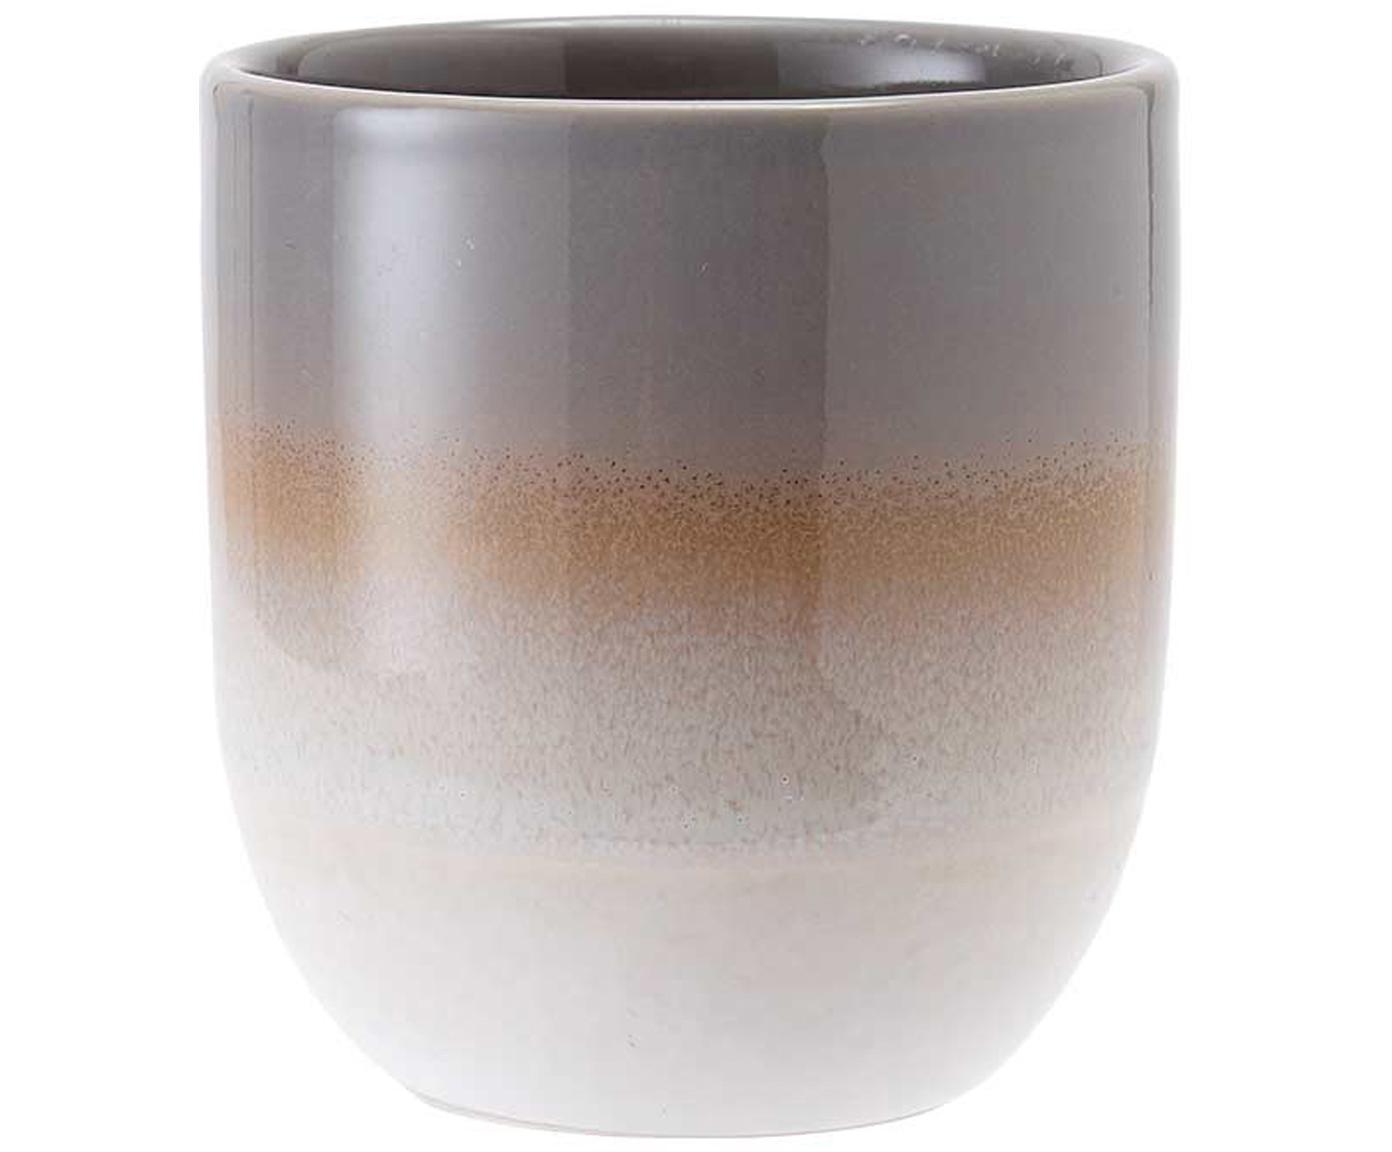 Becher Café mit Farbverlauf, 4 Stück, Steingut, Braun, Ø 8 x H 9 cm